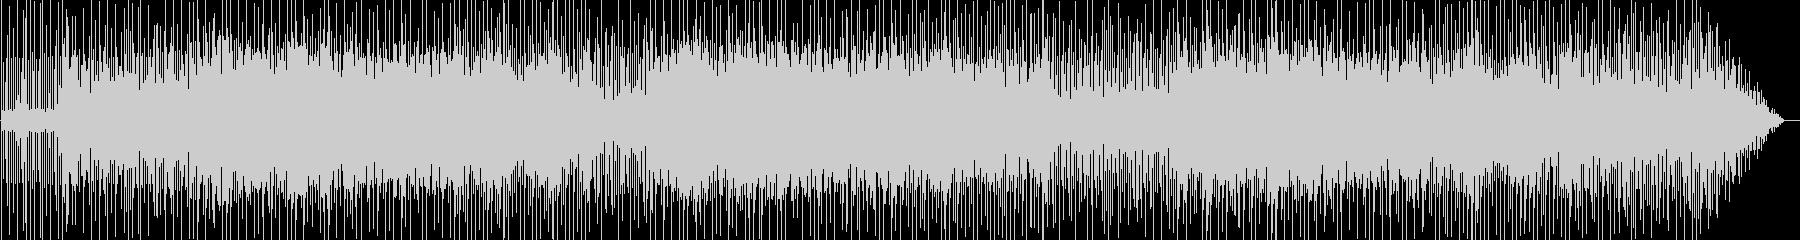 94bpm、チョット早めの行進曲の未再生の波形